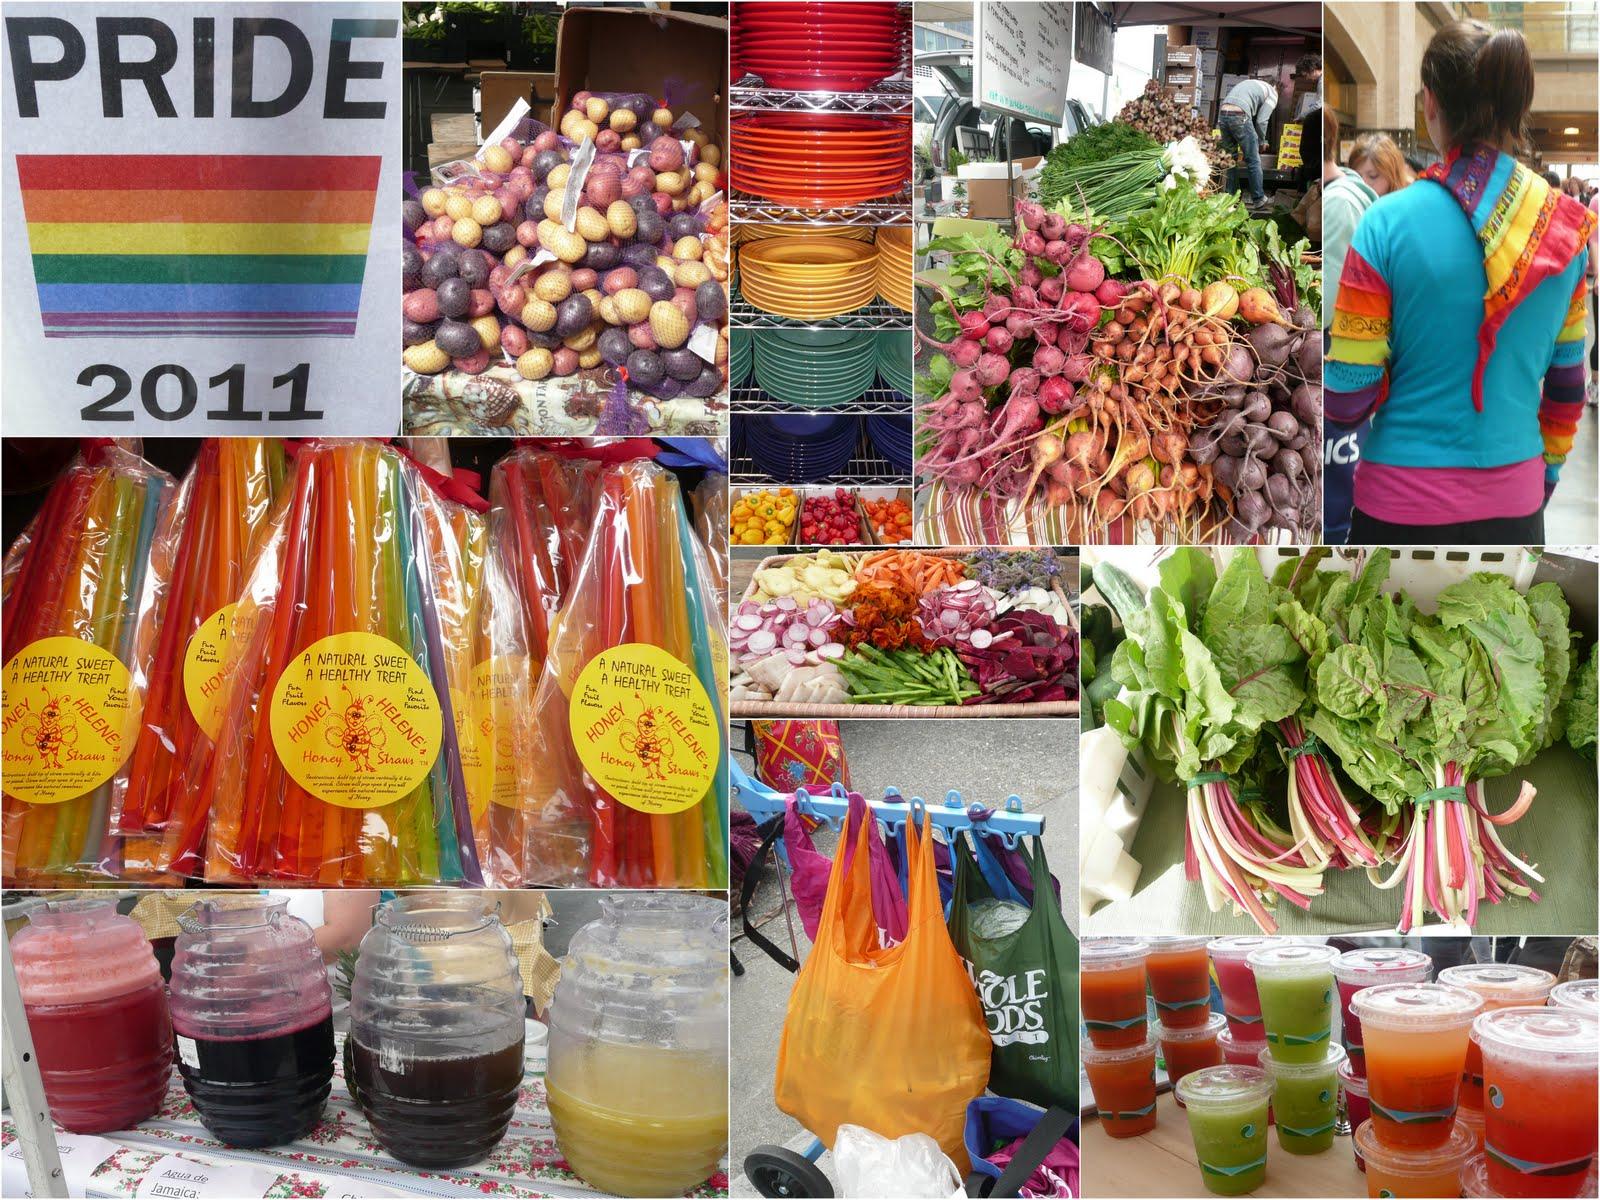 http://3.bp.blogspot.com/-ll9iWgQecbY/Tgp5uT3kRNI/AAAAAAAABAo/0NO_3pf_AWc/s1600/gay%2Bpride%2Bpix%2Bfor%2Bfood%2Bcollage1.jpg